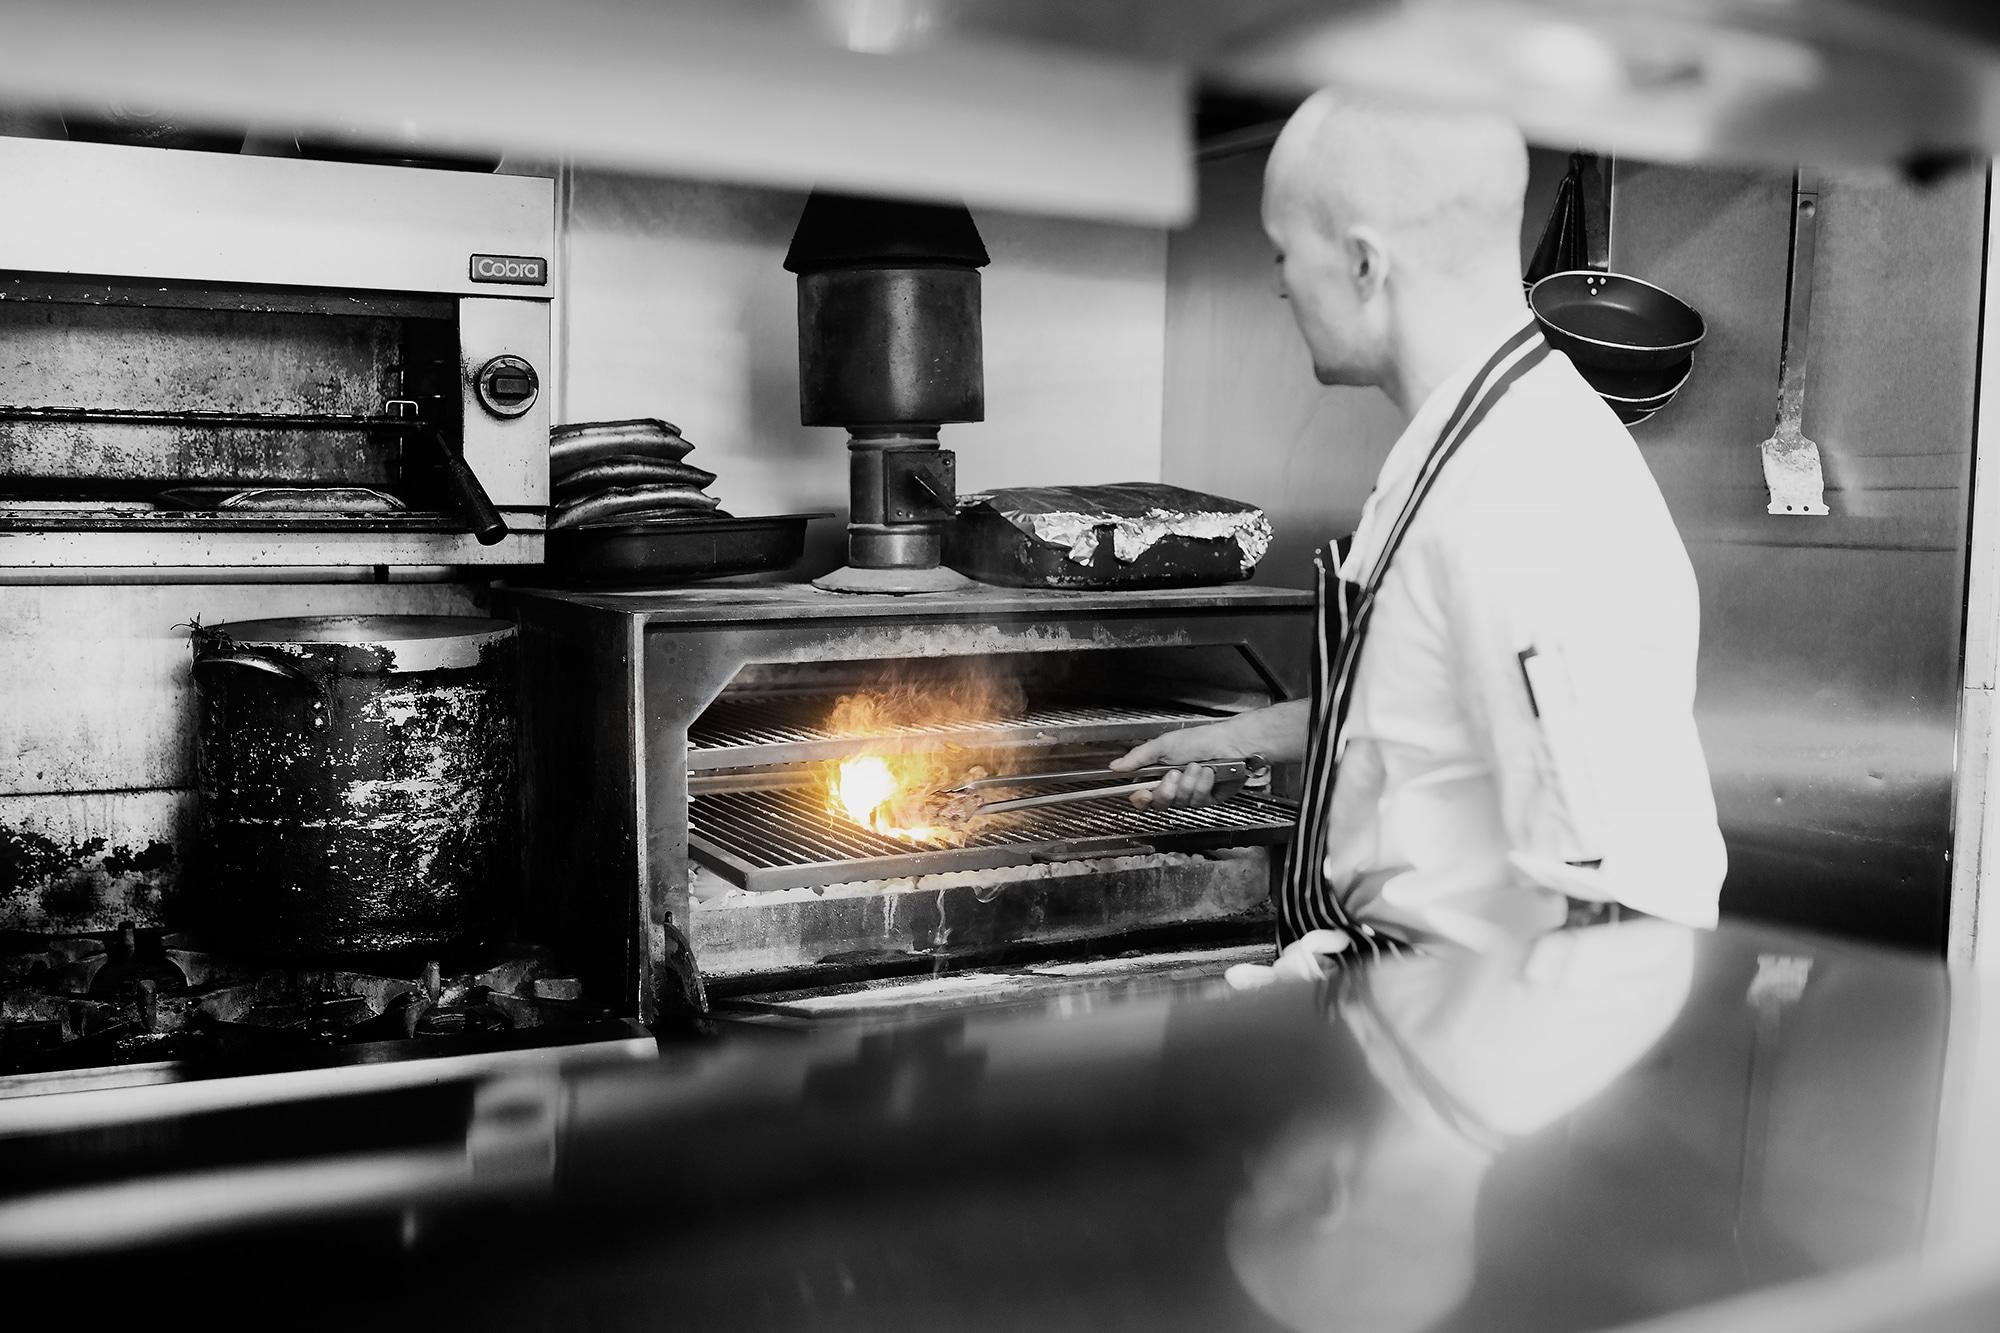 The Josper grill - The Coal Shed in Brighton